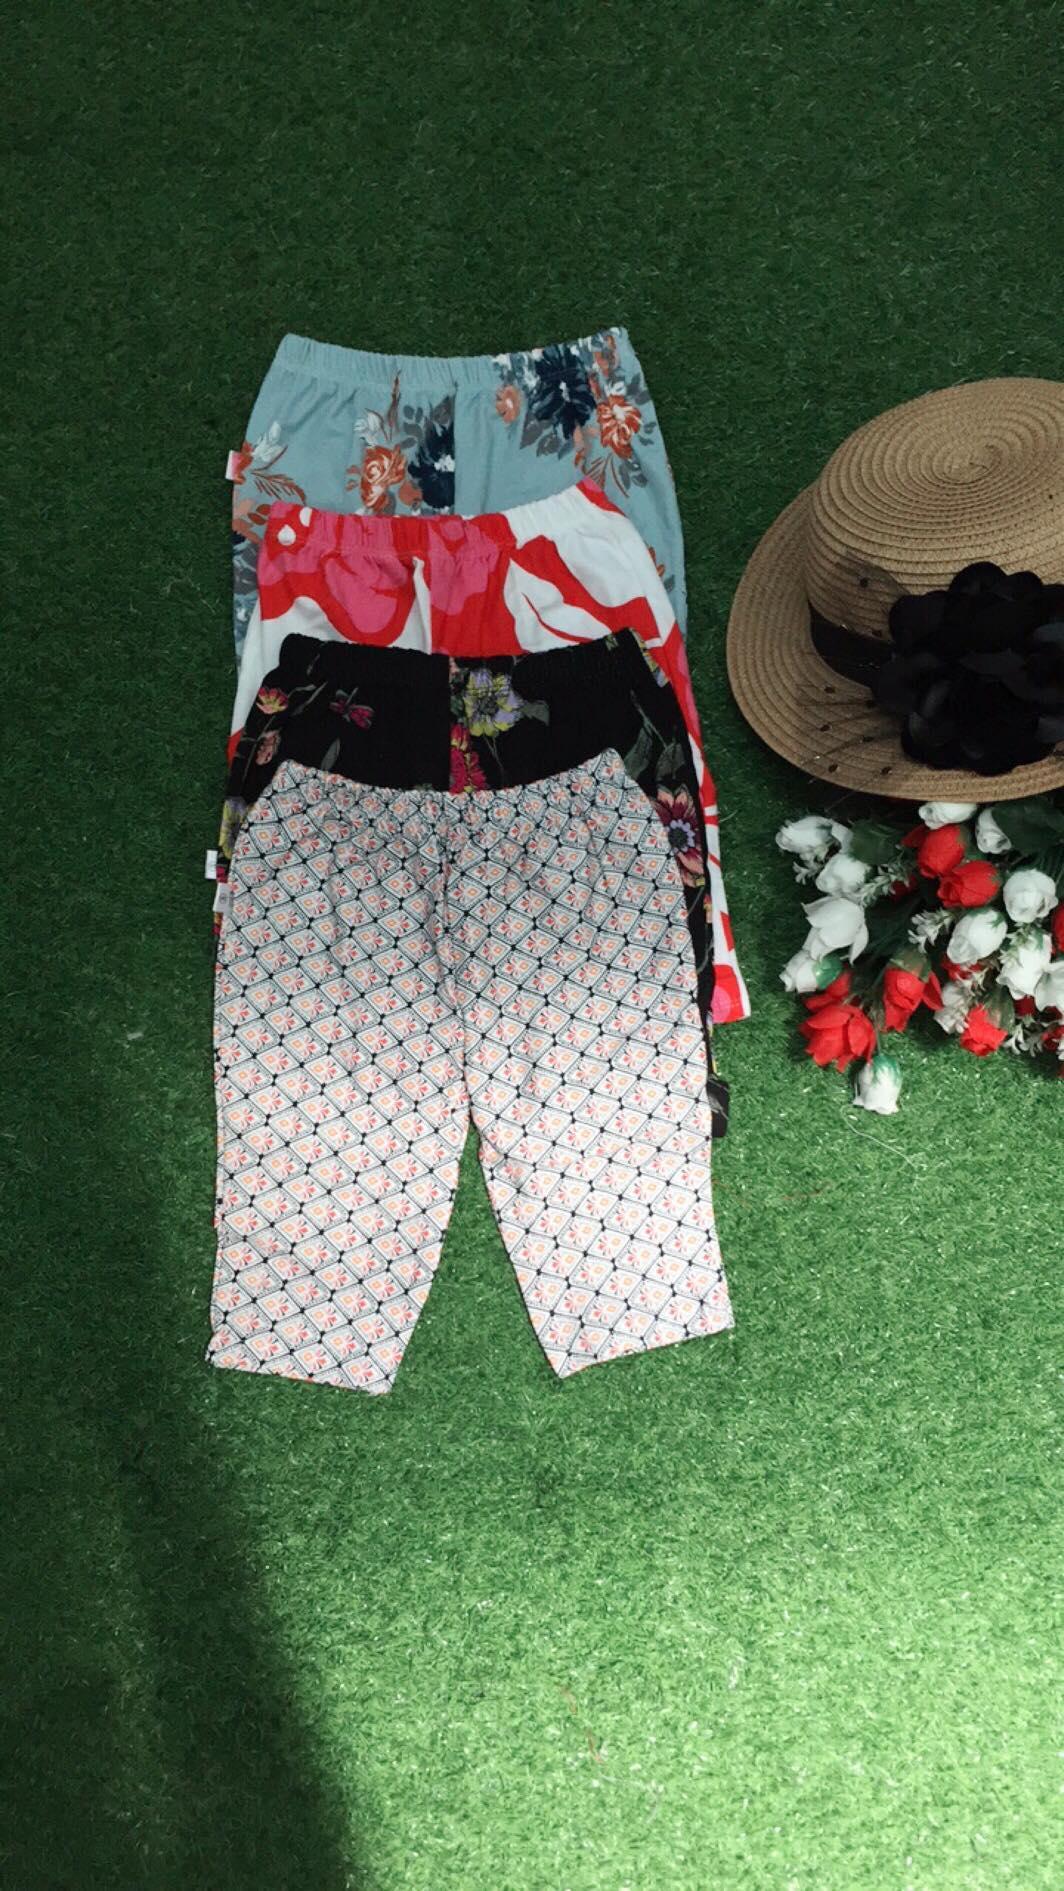 Giá bán quần lửng nhiều màu và hình khác nhau dành cho bé gái(giao màu ngẫu nhiên) cân nặng từ 10kg đến 15kg